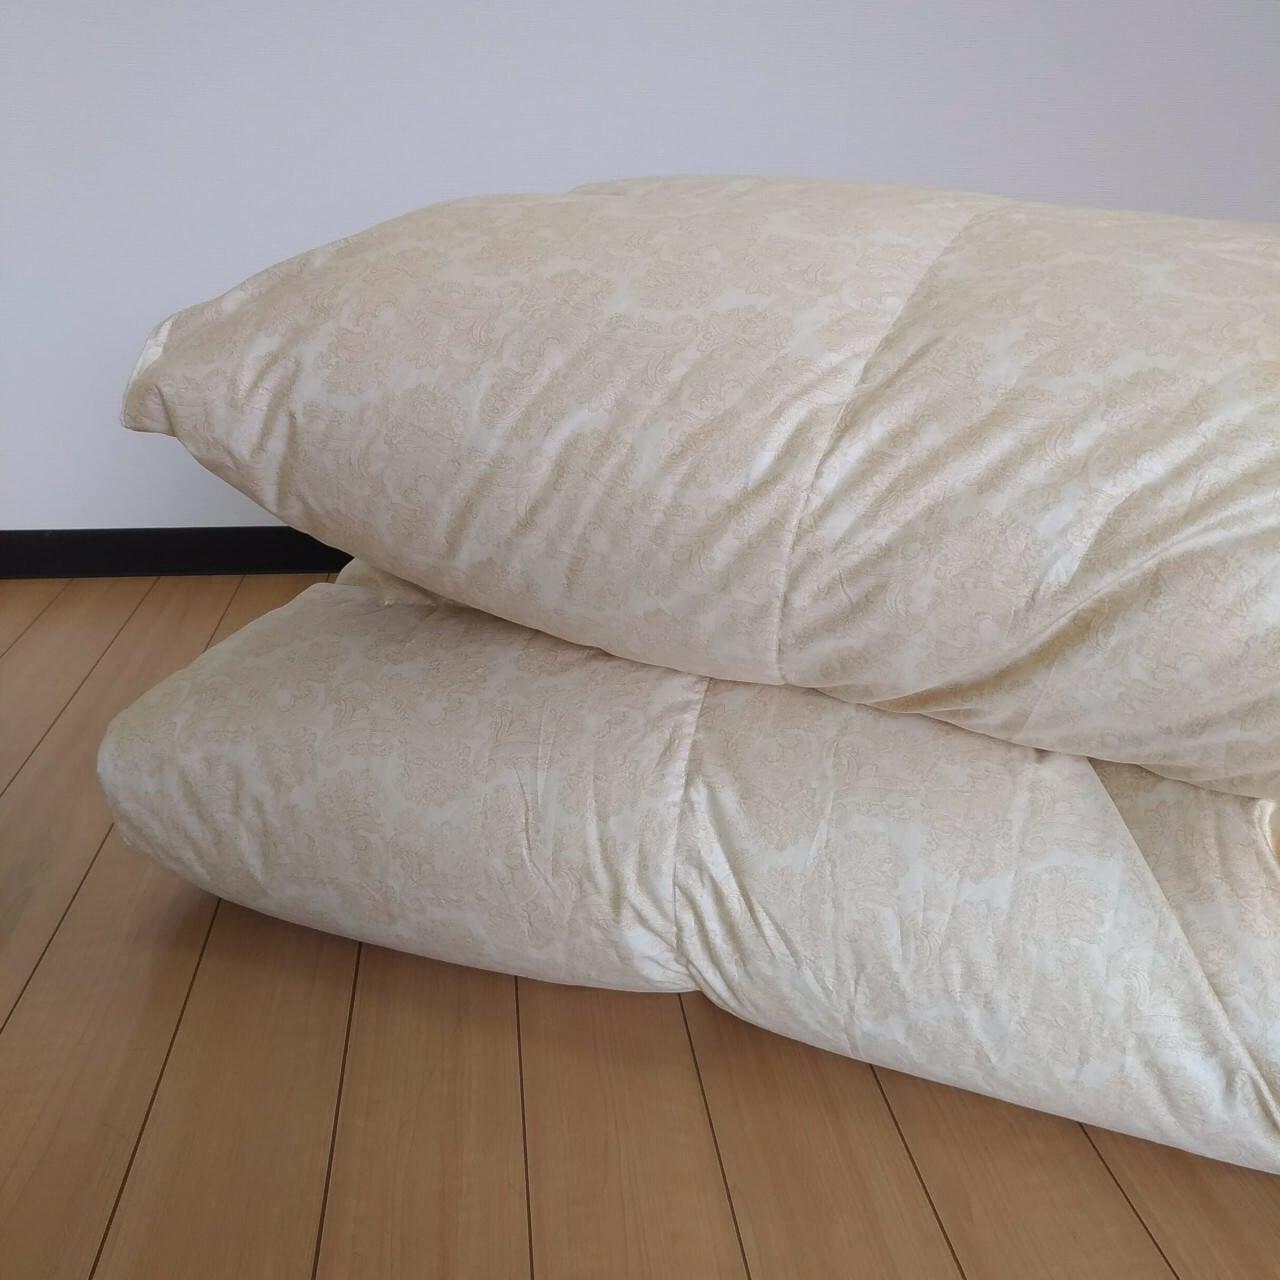 Q-羽毛掛ふとん 【マース】 クイーン カナダマザーホワイトグースダウン−CONキルト (80サテン/1.9kg)